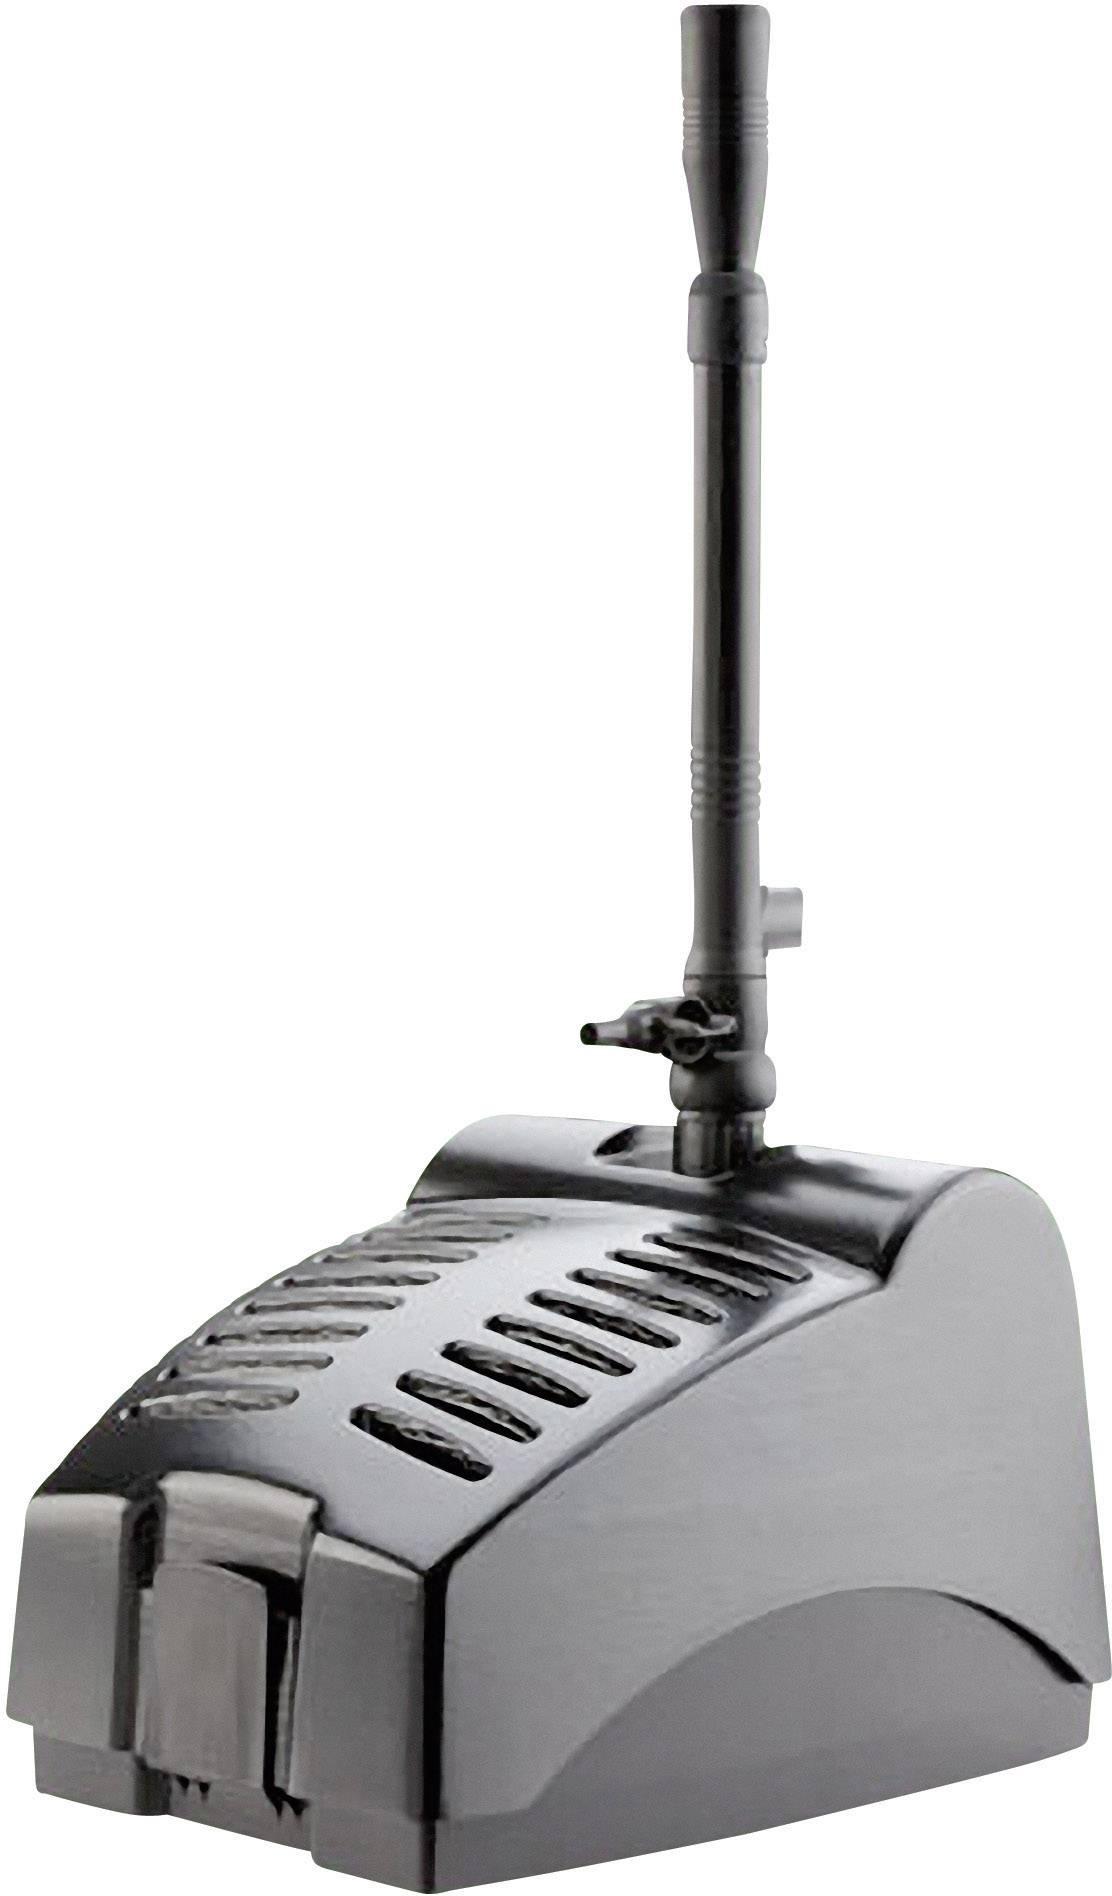 Ponorný tlakový filter Pontec Pondorell 3000, 27 W